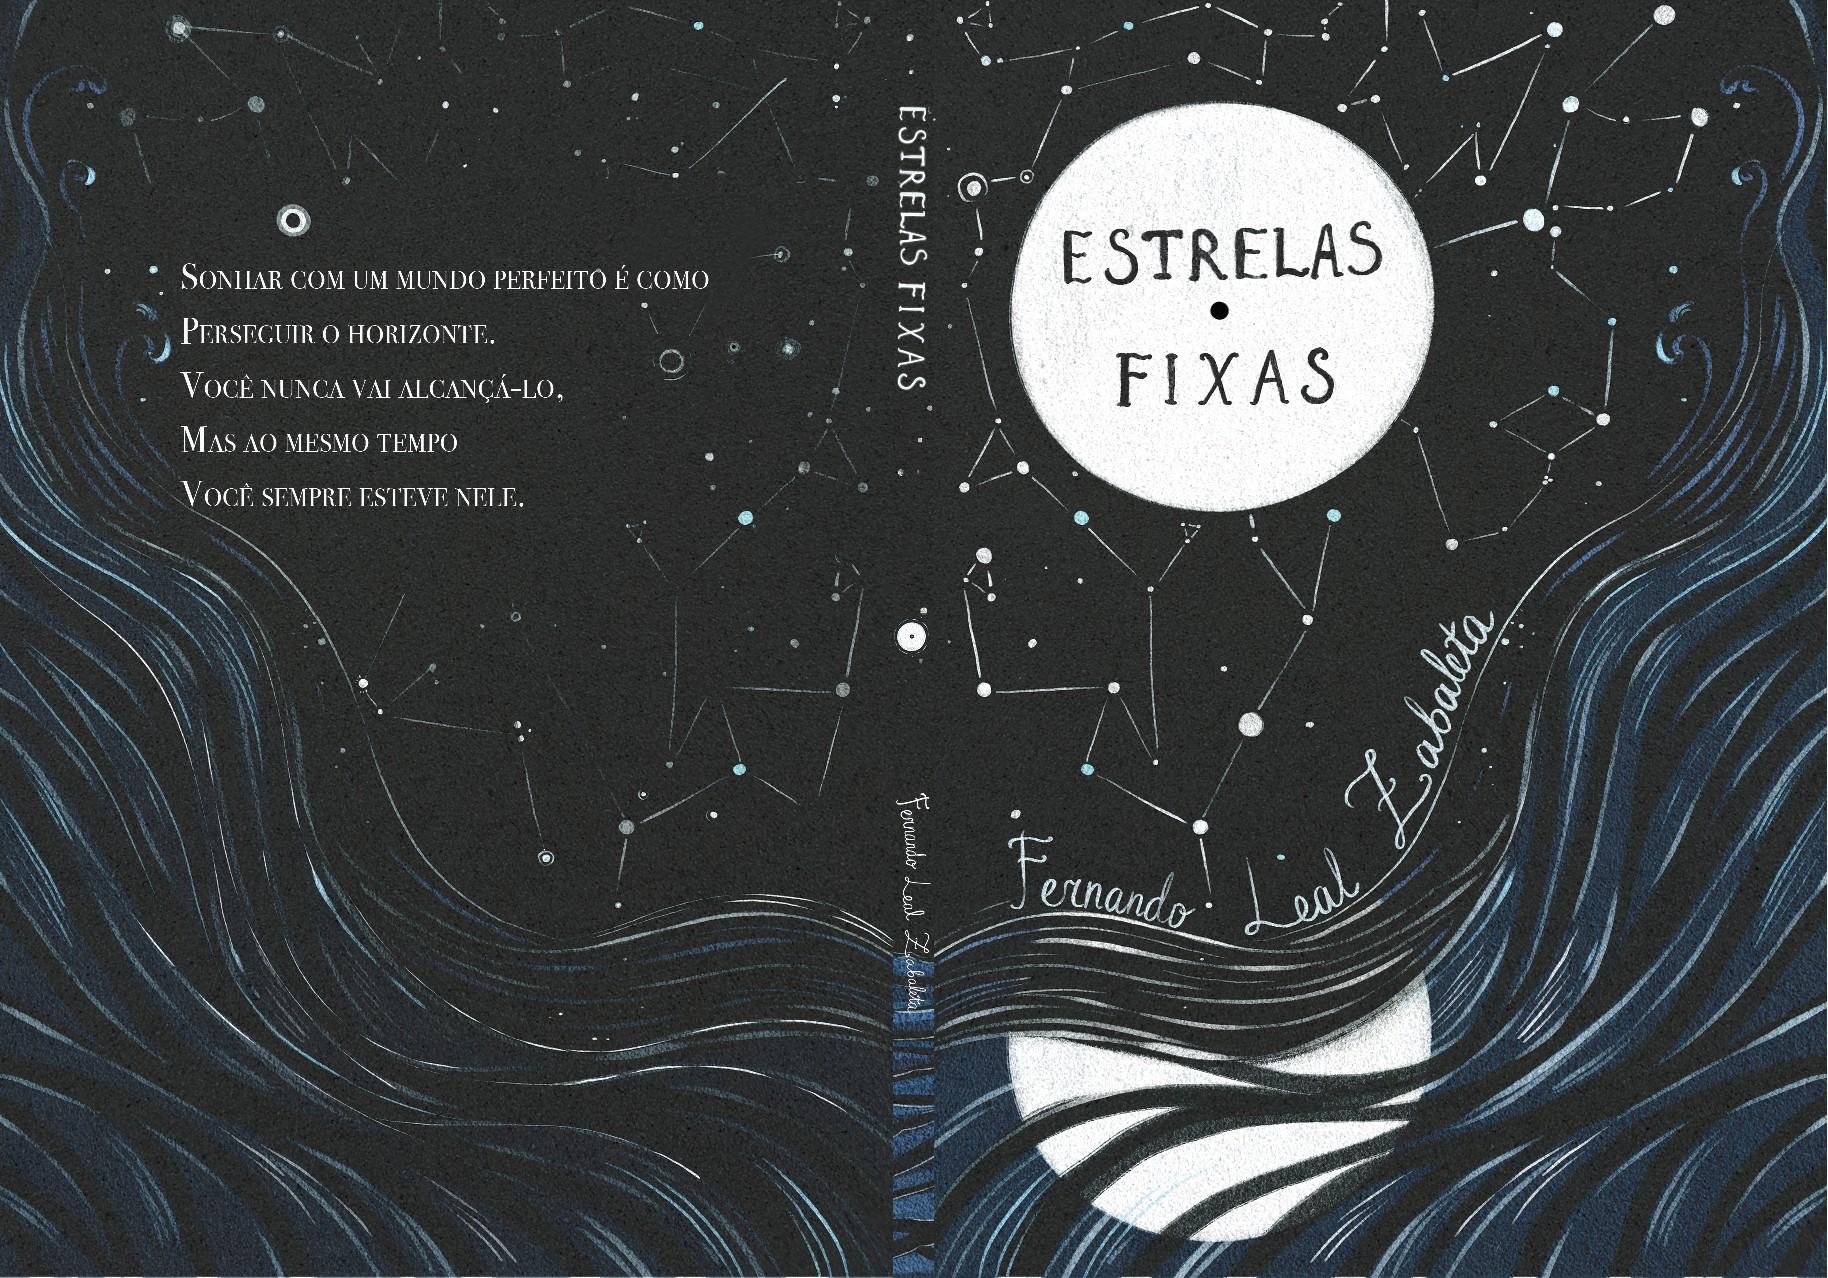 Capa para livro de poesia (Cover for poetry book)